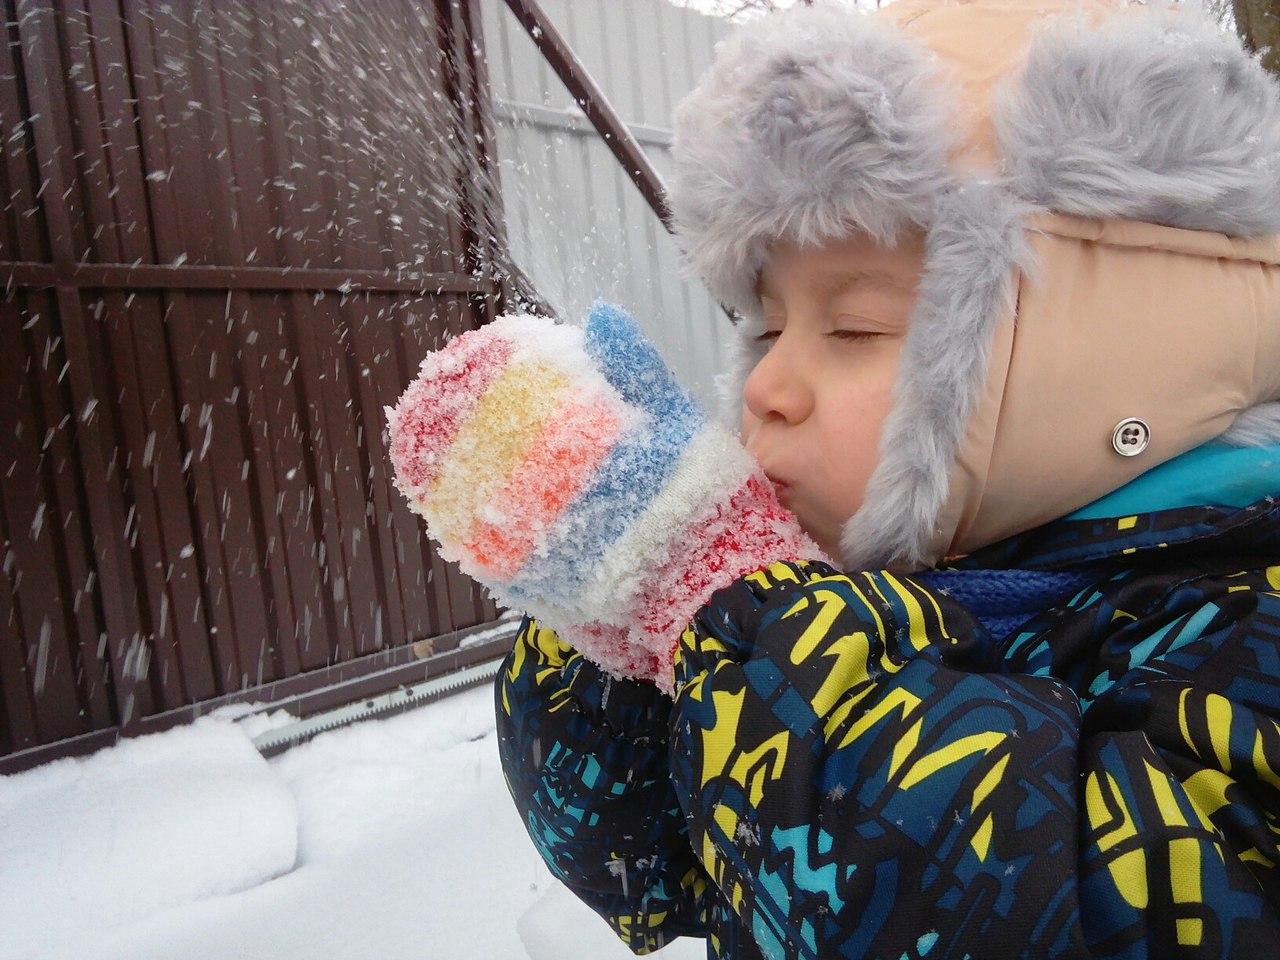 Счастье от зимних прогулок!. Счастье есть!